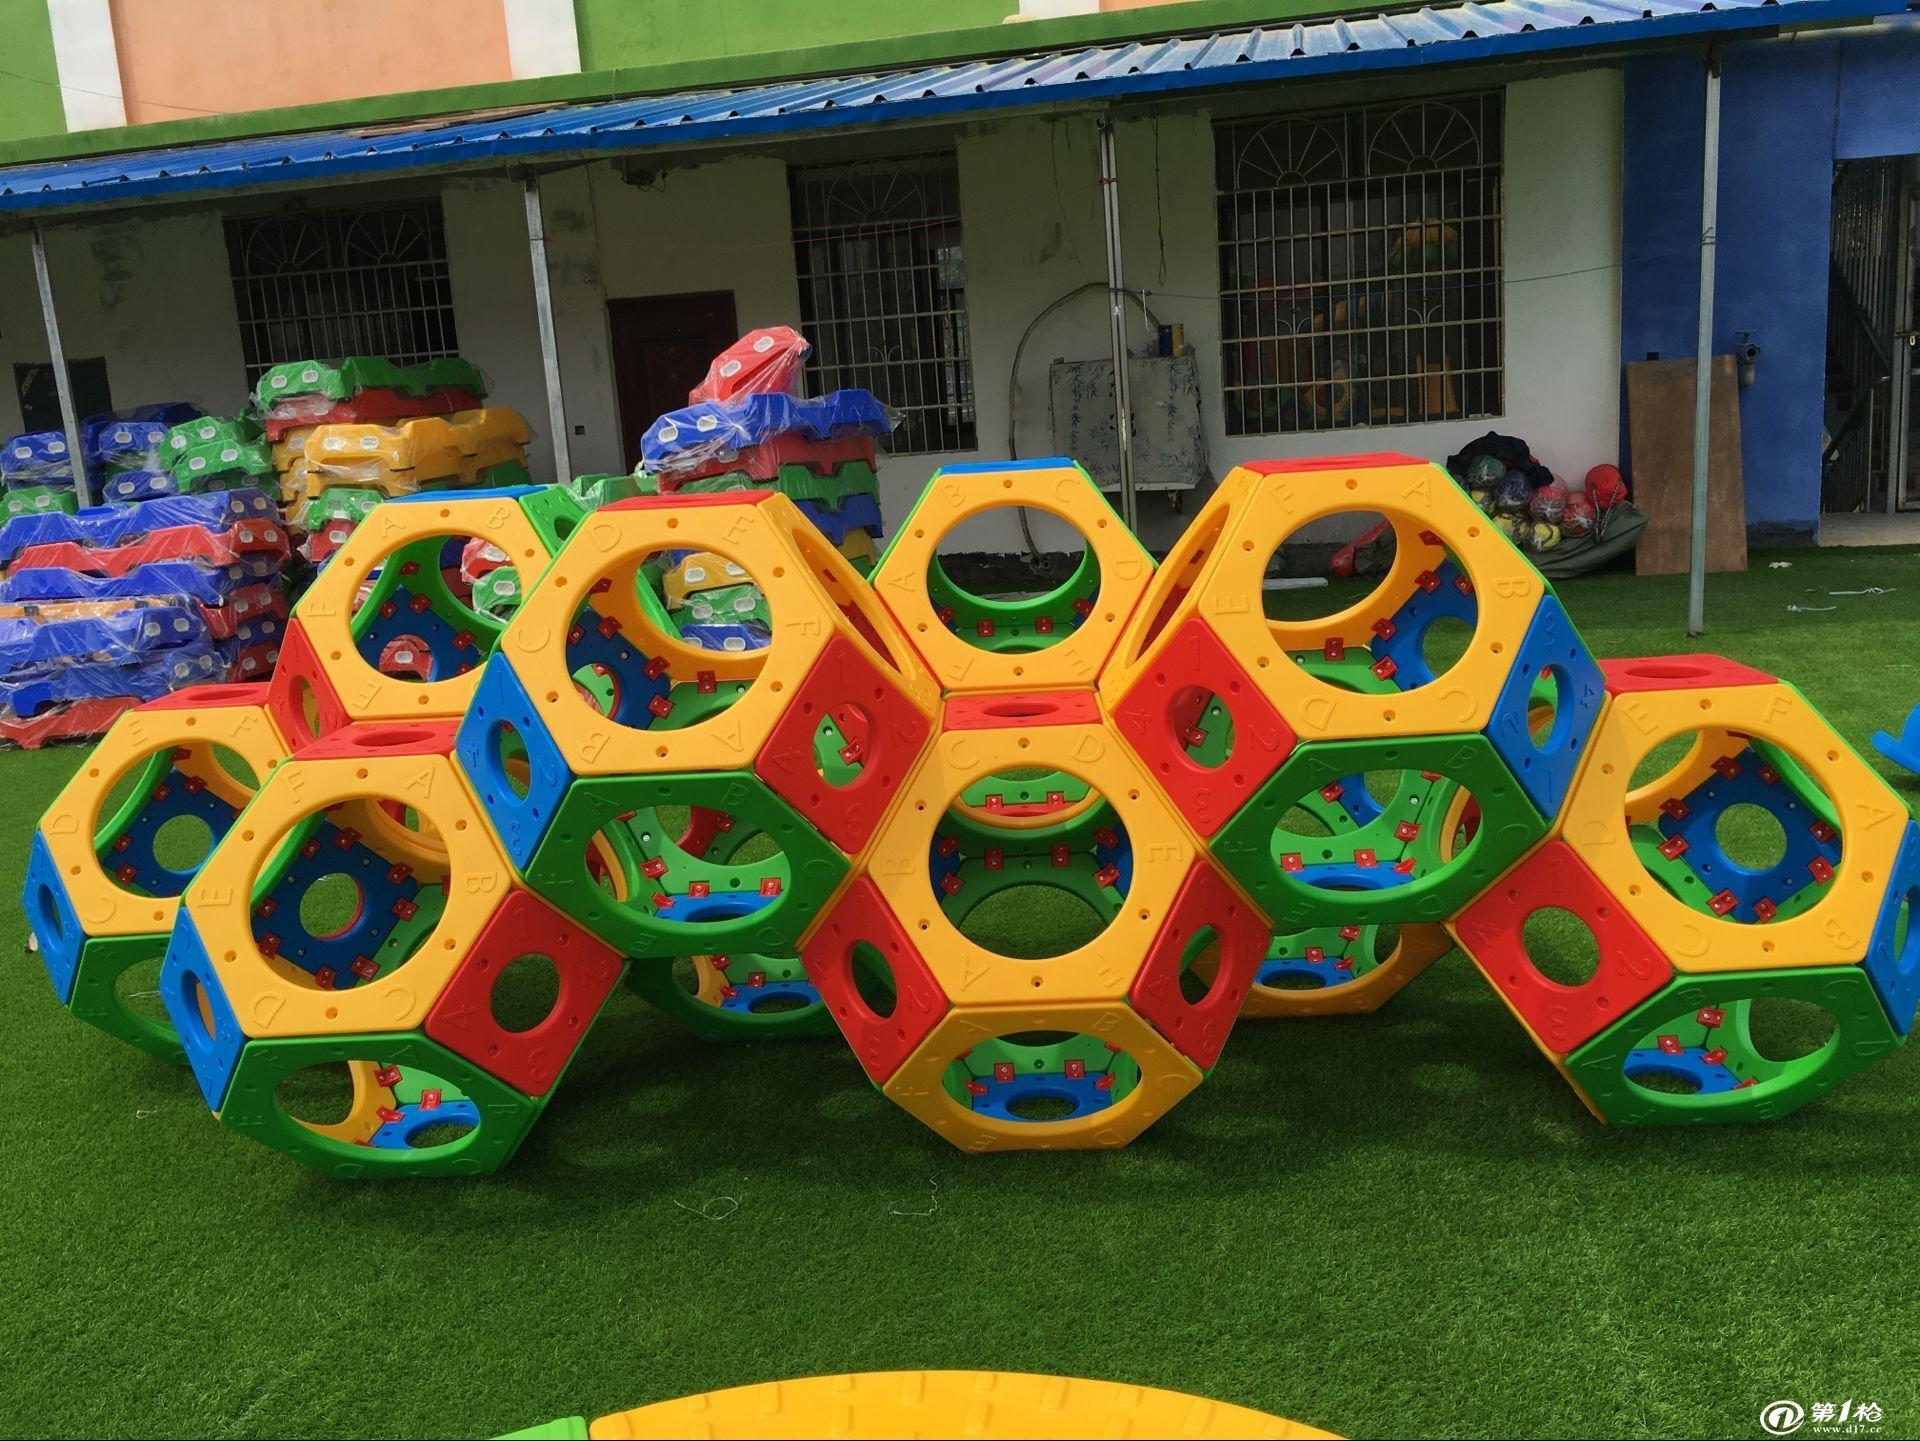 幼儿园人工草坪价格 成都幼儿专用人造草坪 幼儿园彩虹跑道草